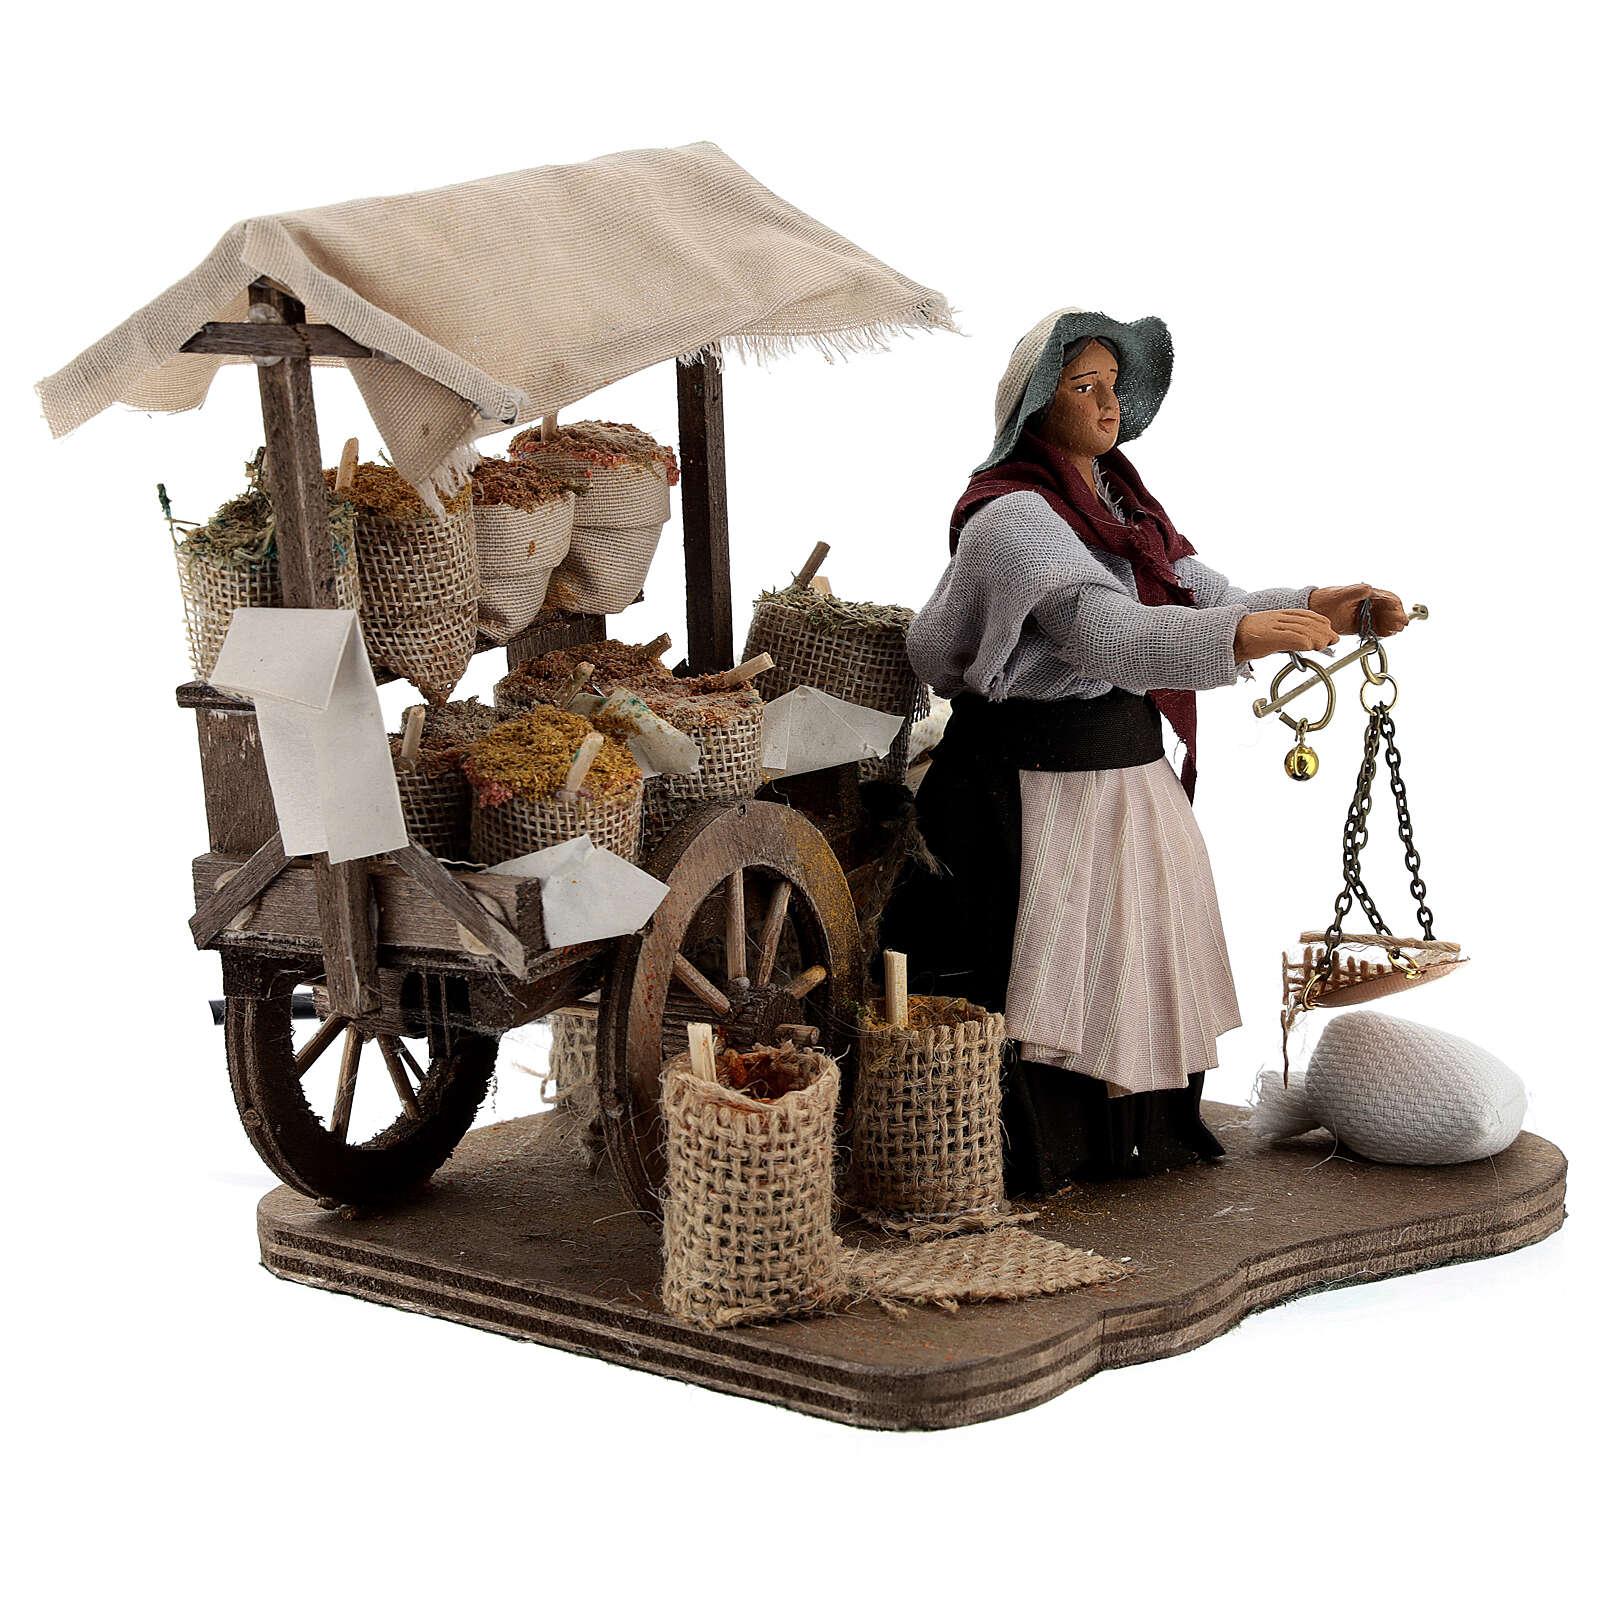 Spice seller Neapolitan Nativity scene 12 cm 4